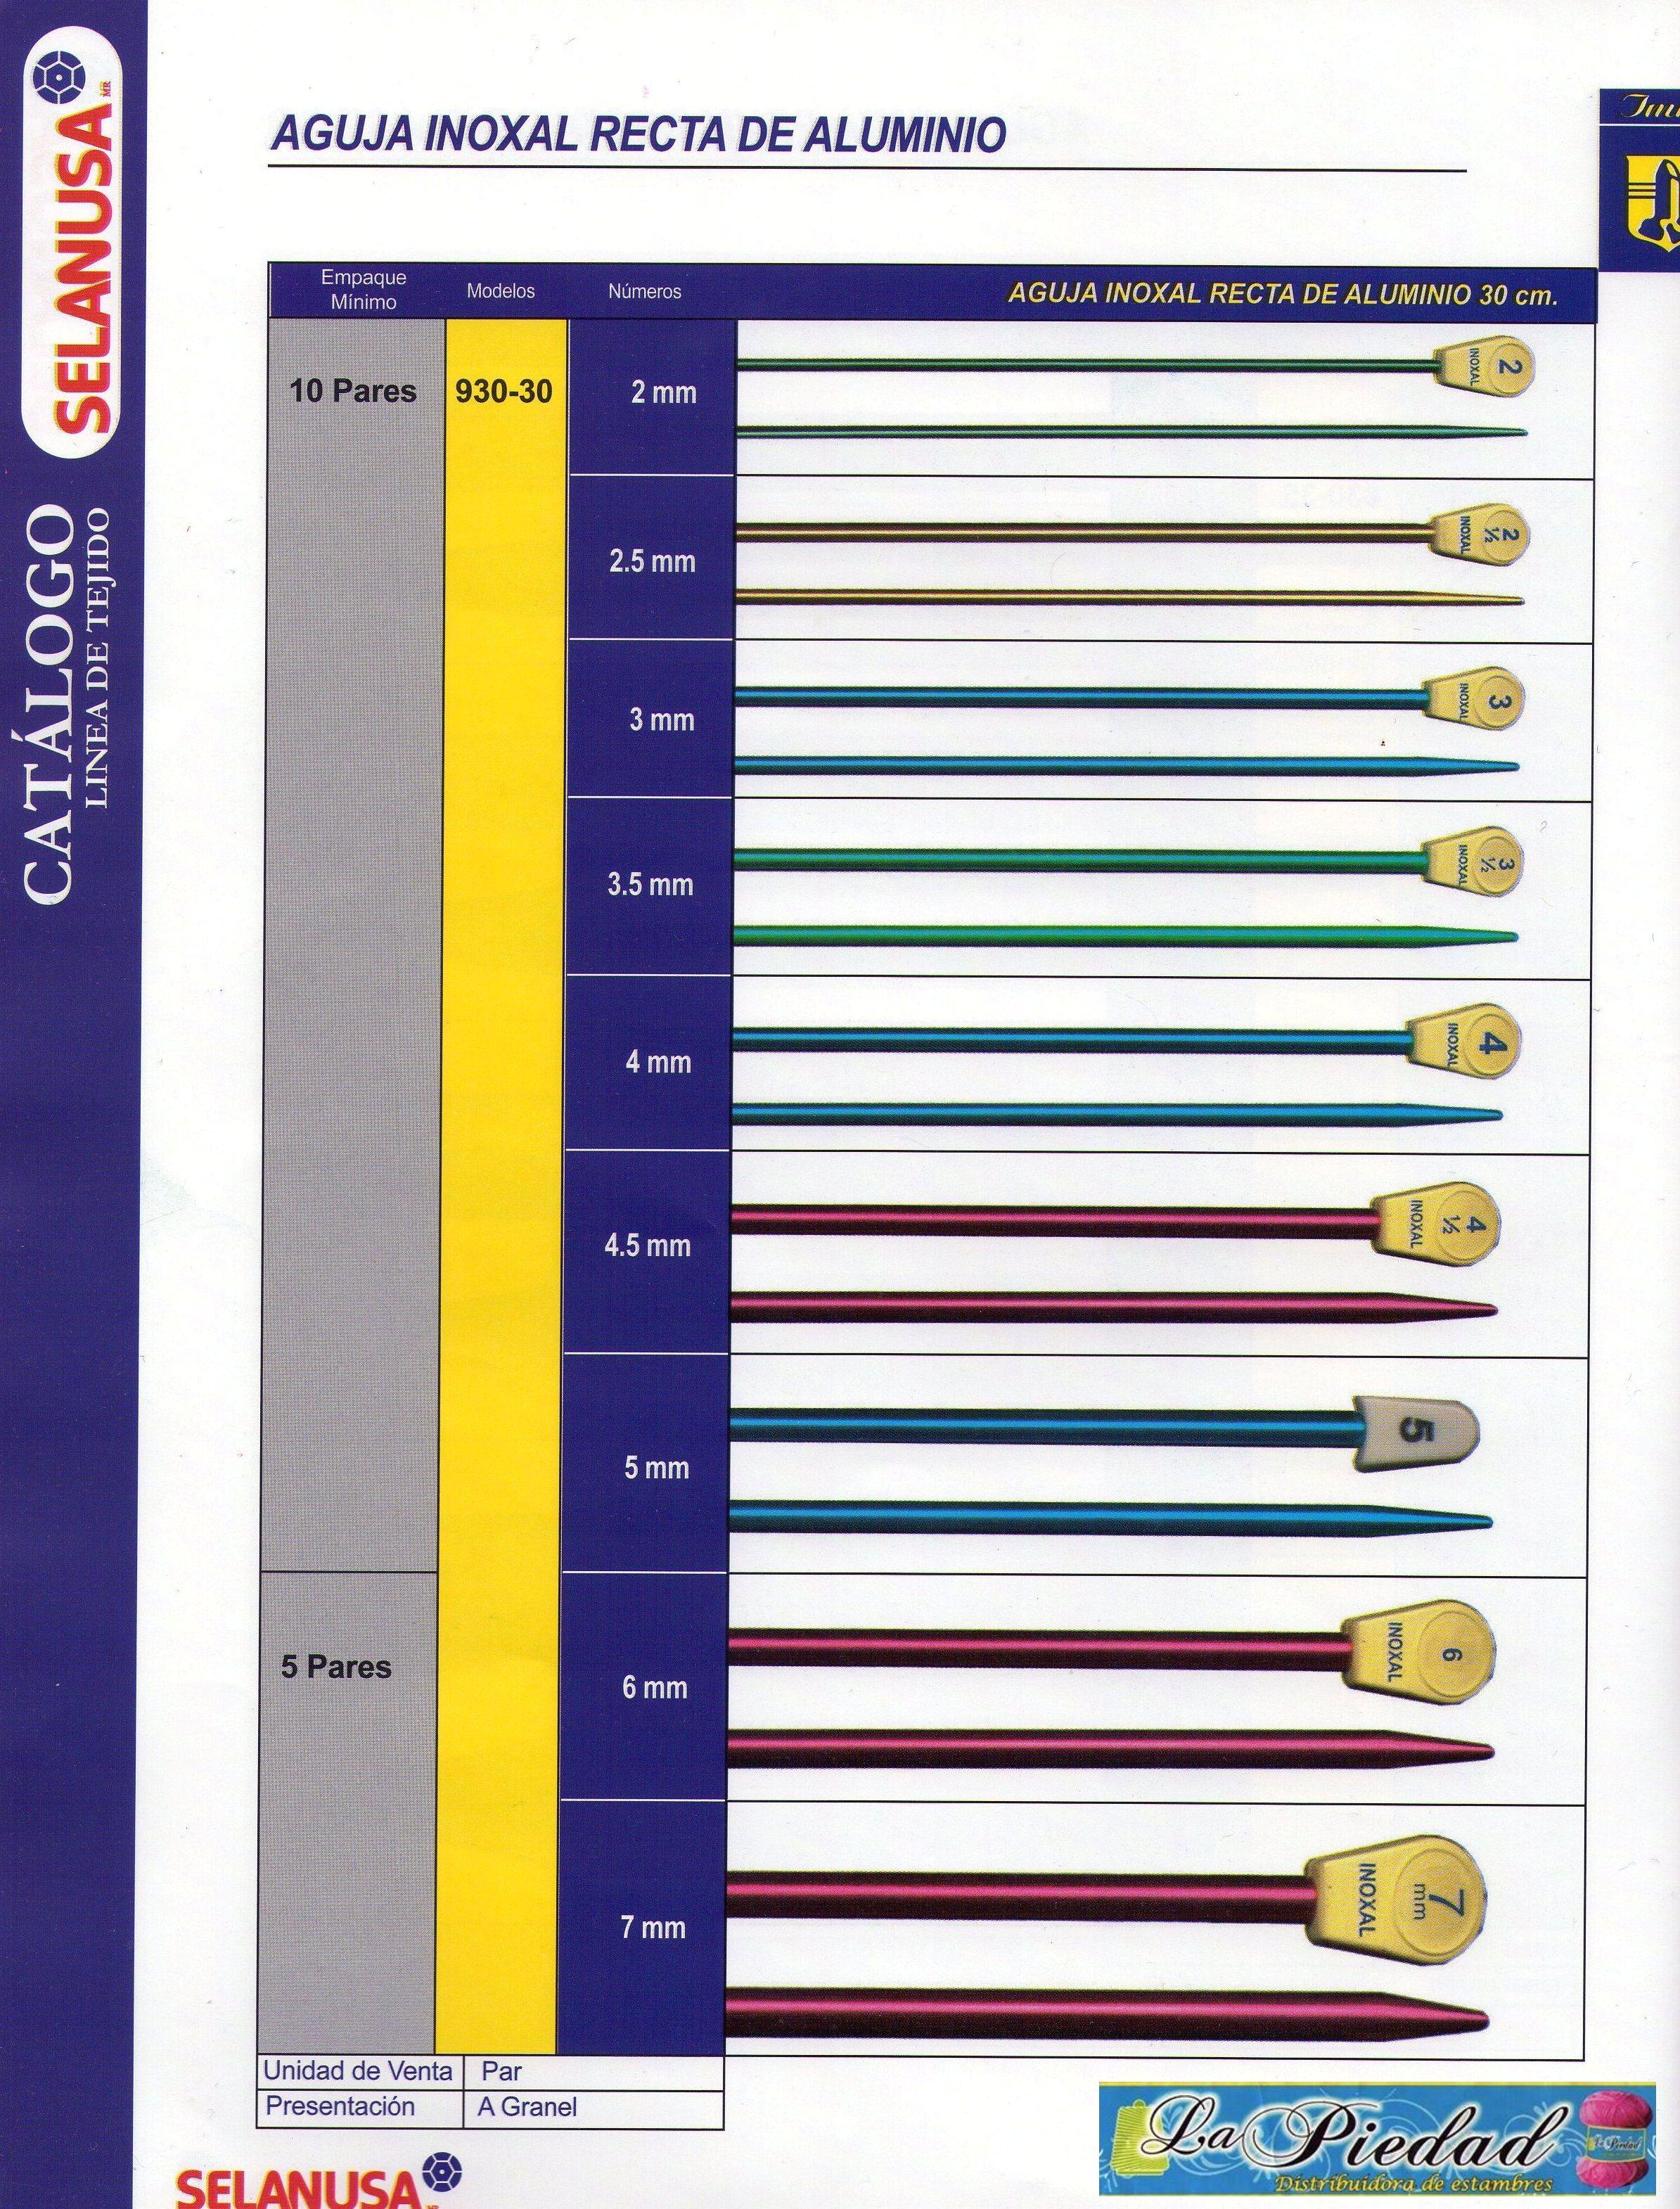 Catalogo de accesorios estambres for Catalogo de accesorios